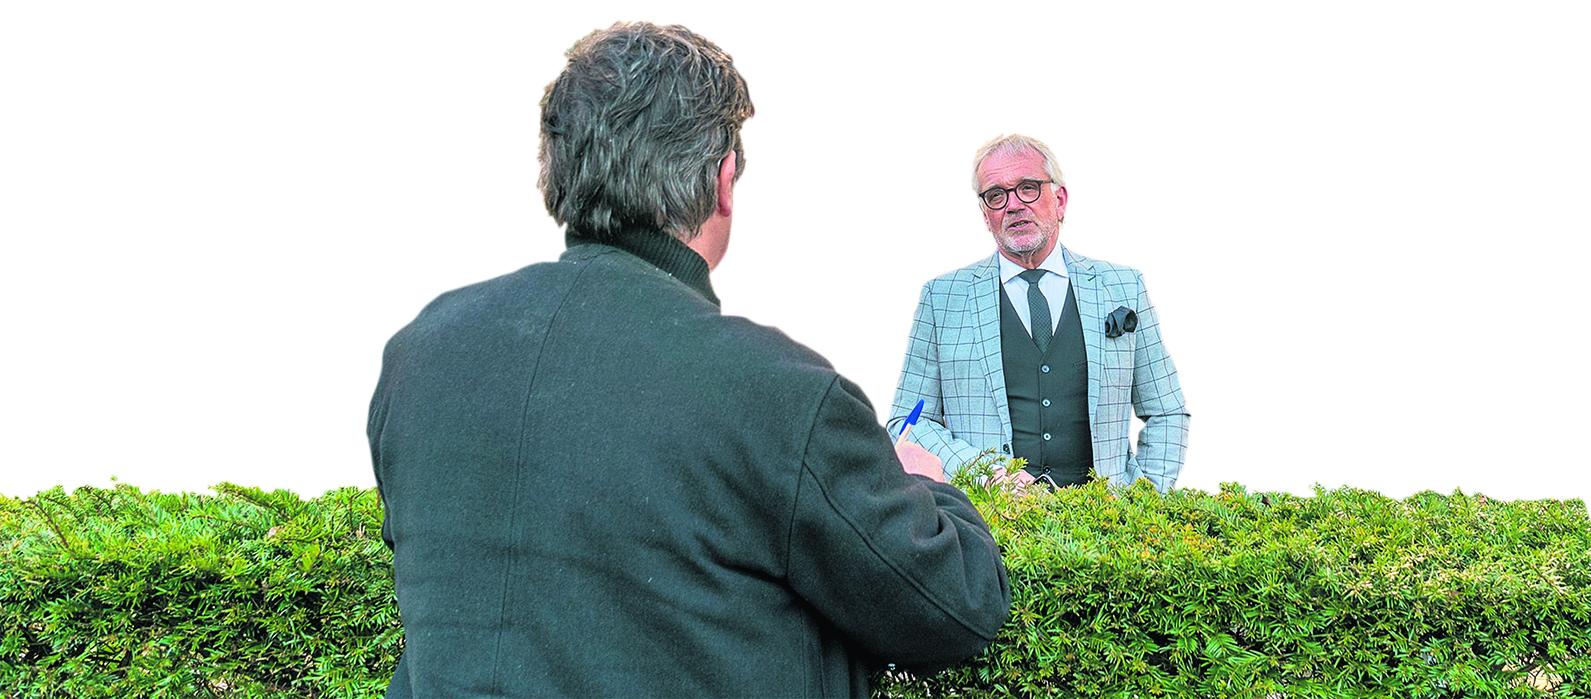 Burgemeester Alkmaar over pijlen en regels in de stad: 'Het gaat allemaal om gedragsbeïnvloeding, we hebben het hier niet over een verkeersmaatregel'